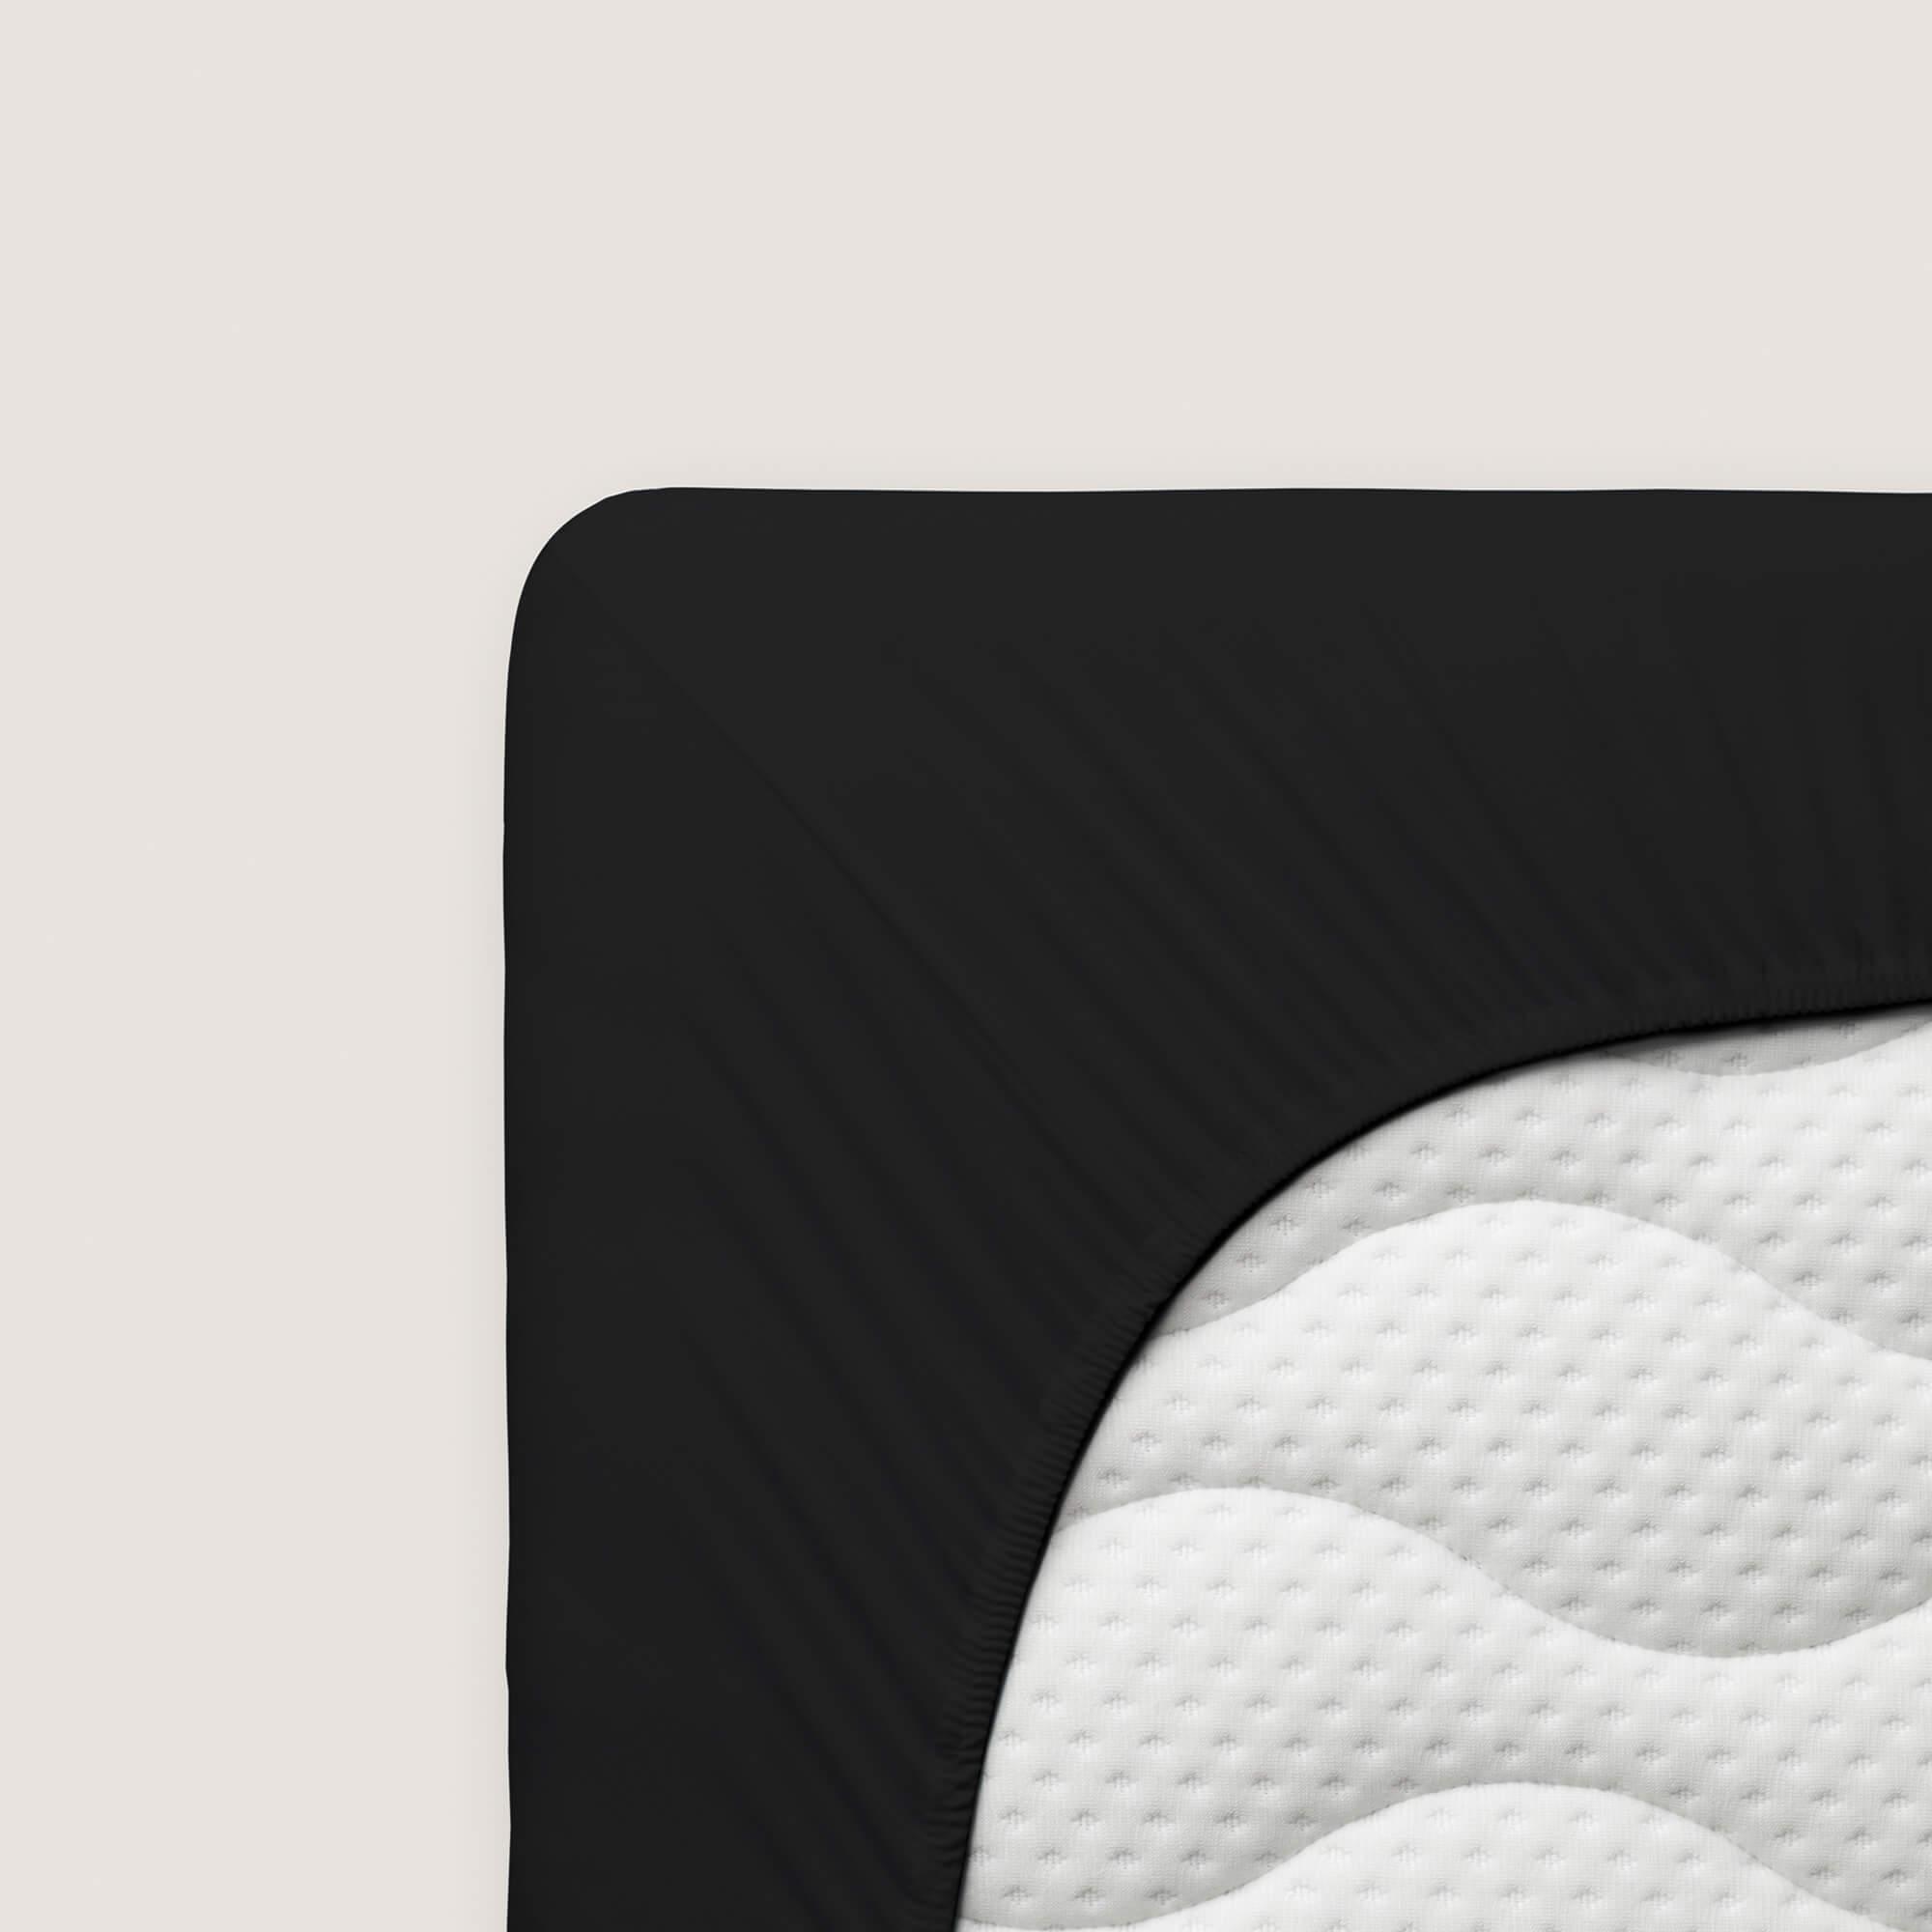 schwarzes schlafgut Spannbettlaken Zwirn Jersey Premium aus Baumwolle/Elasthan